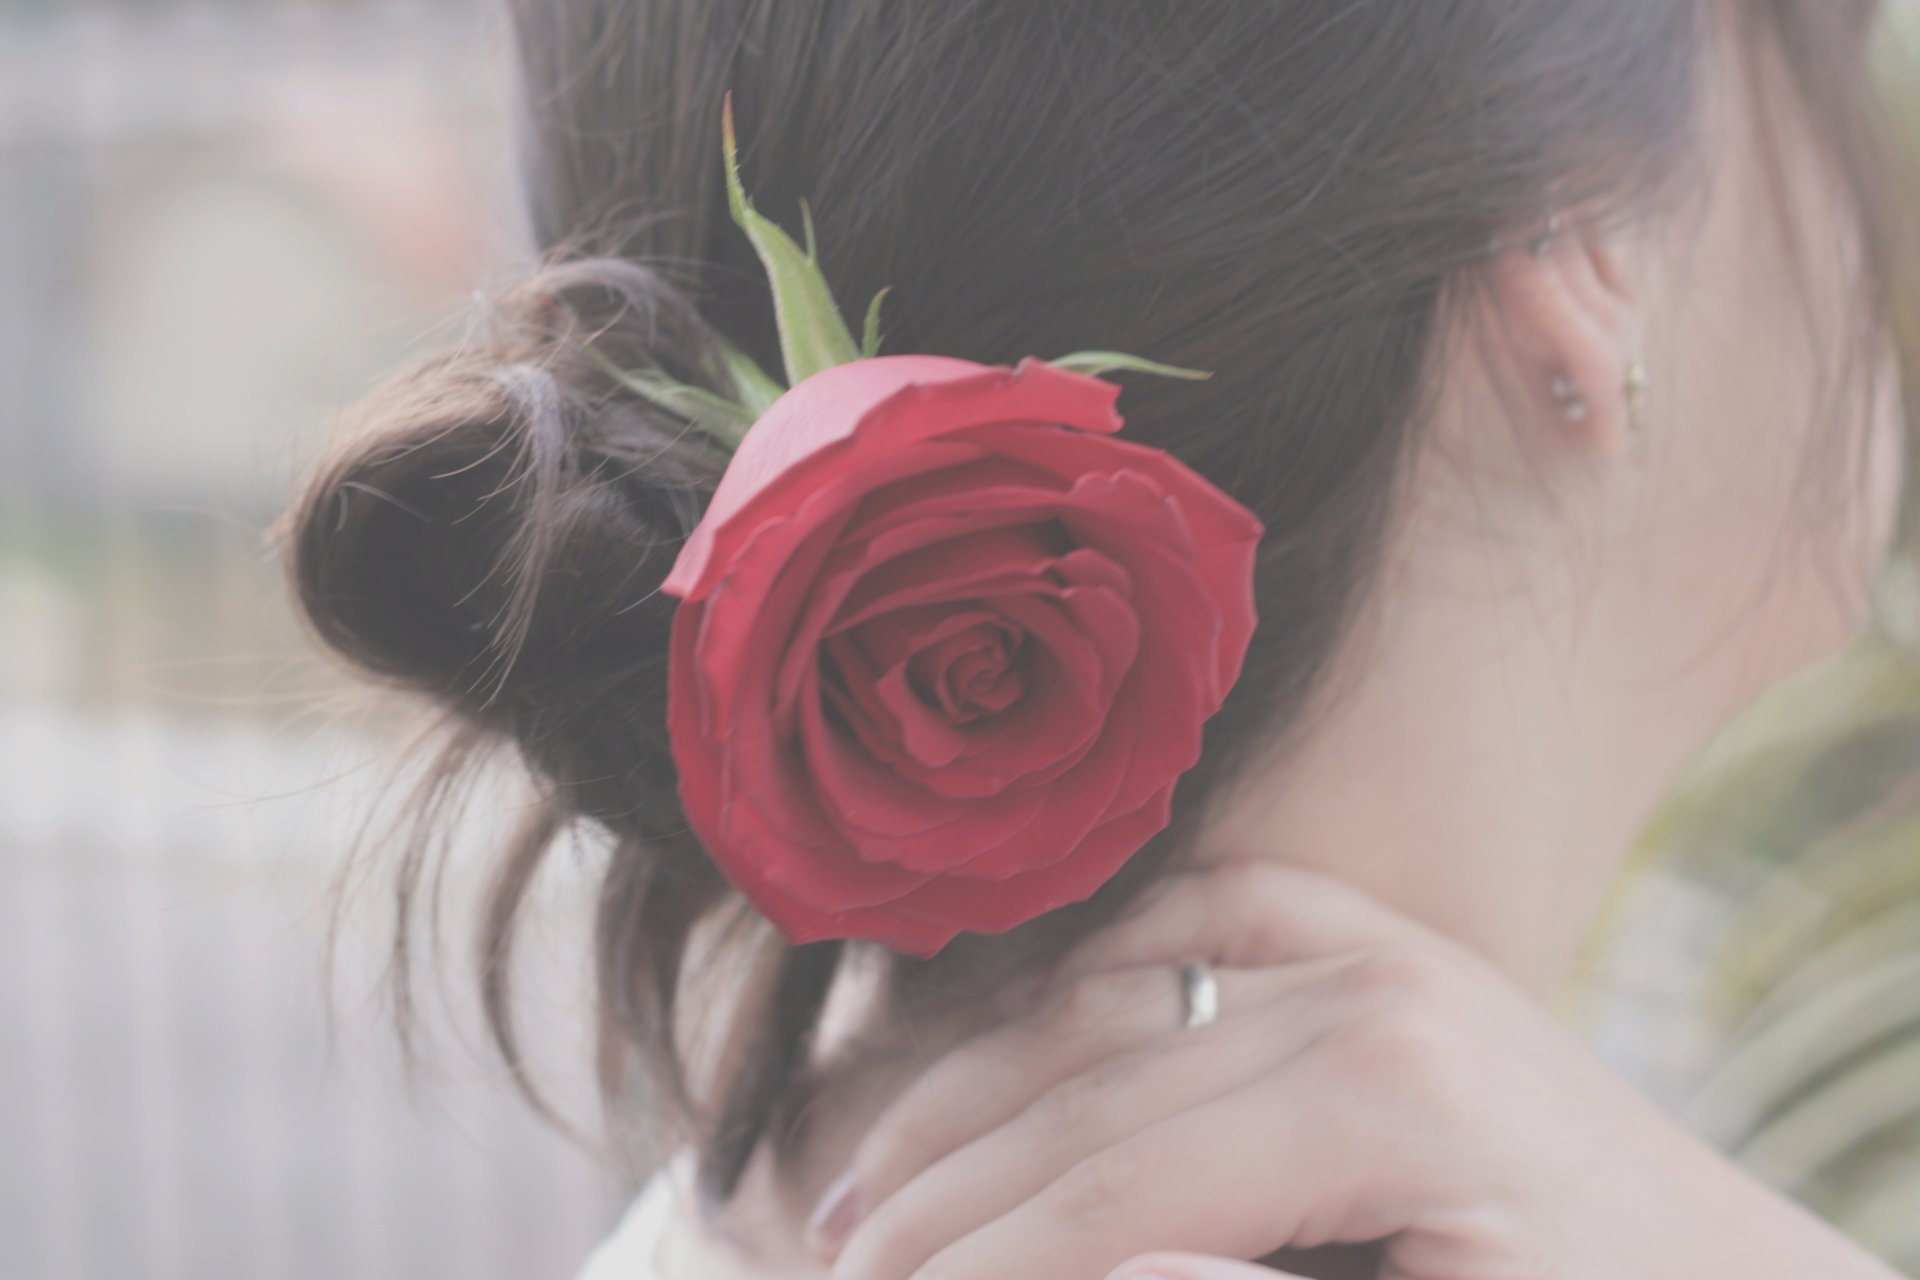 Фото девушки с цветами в руках без лица на аву в